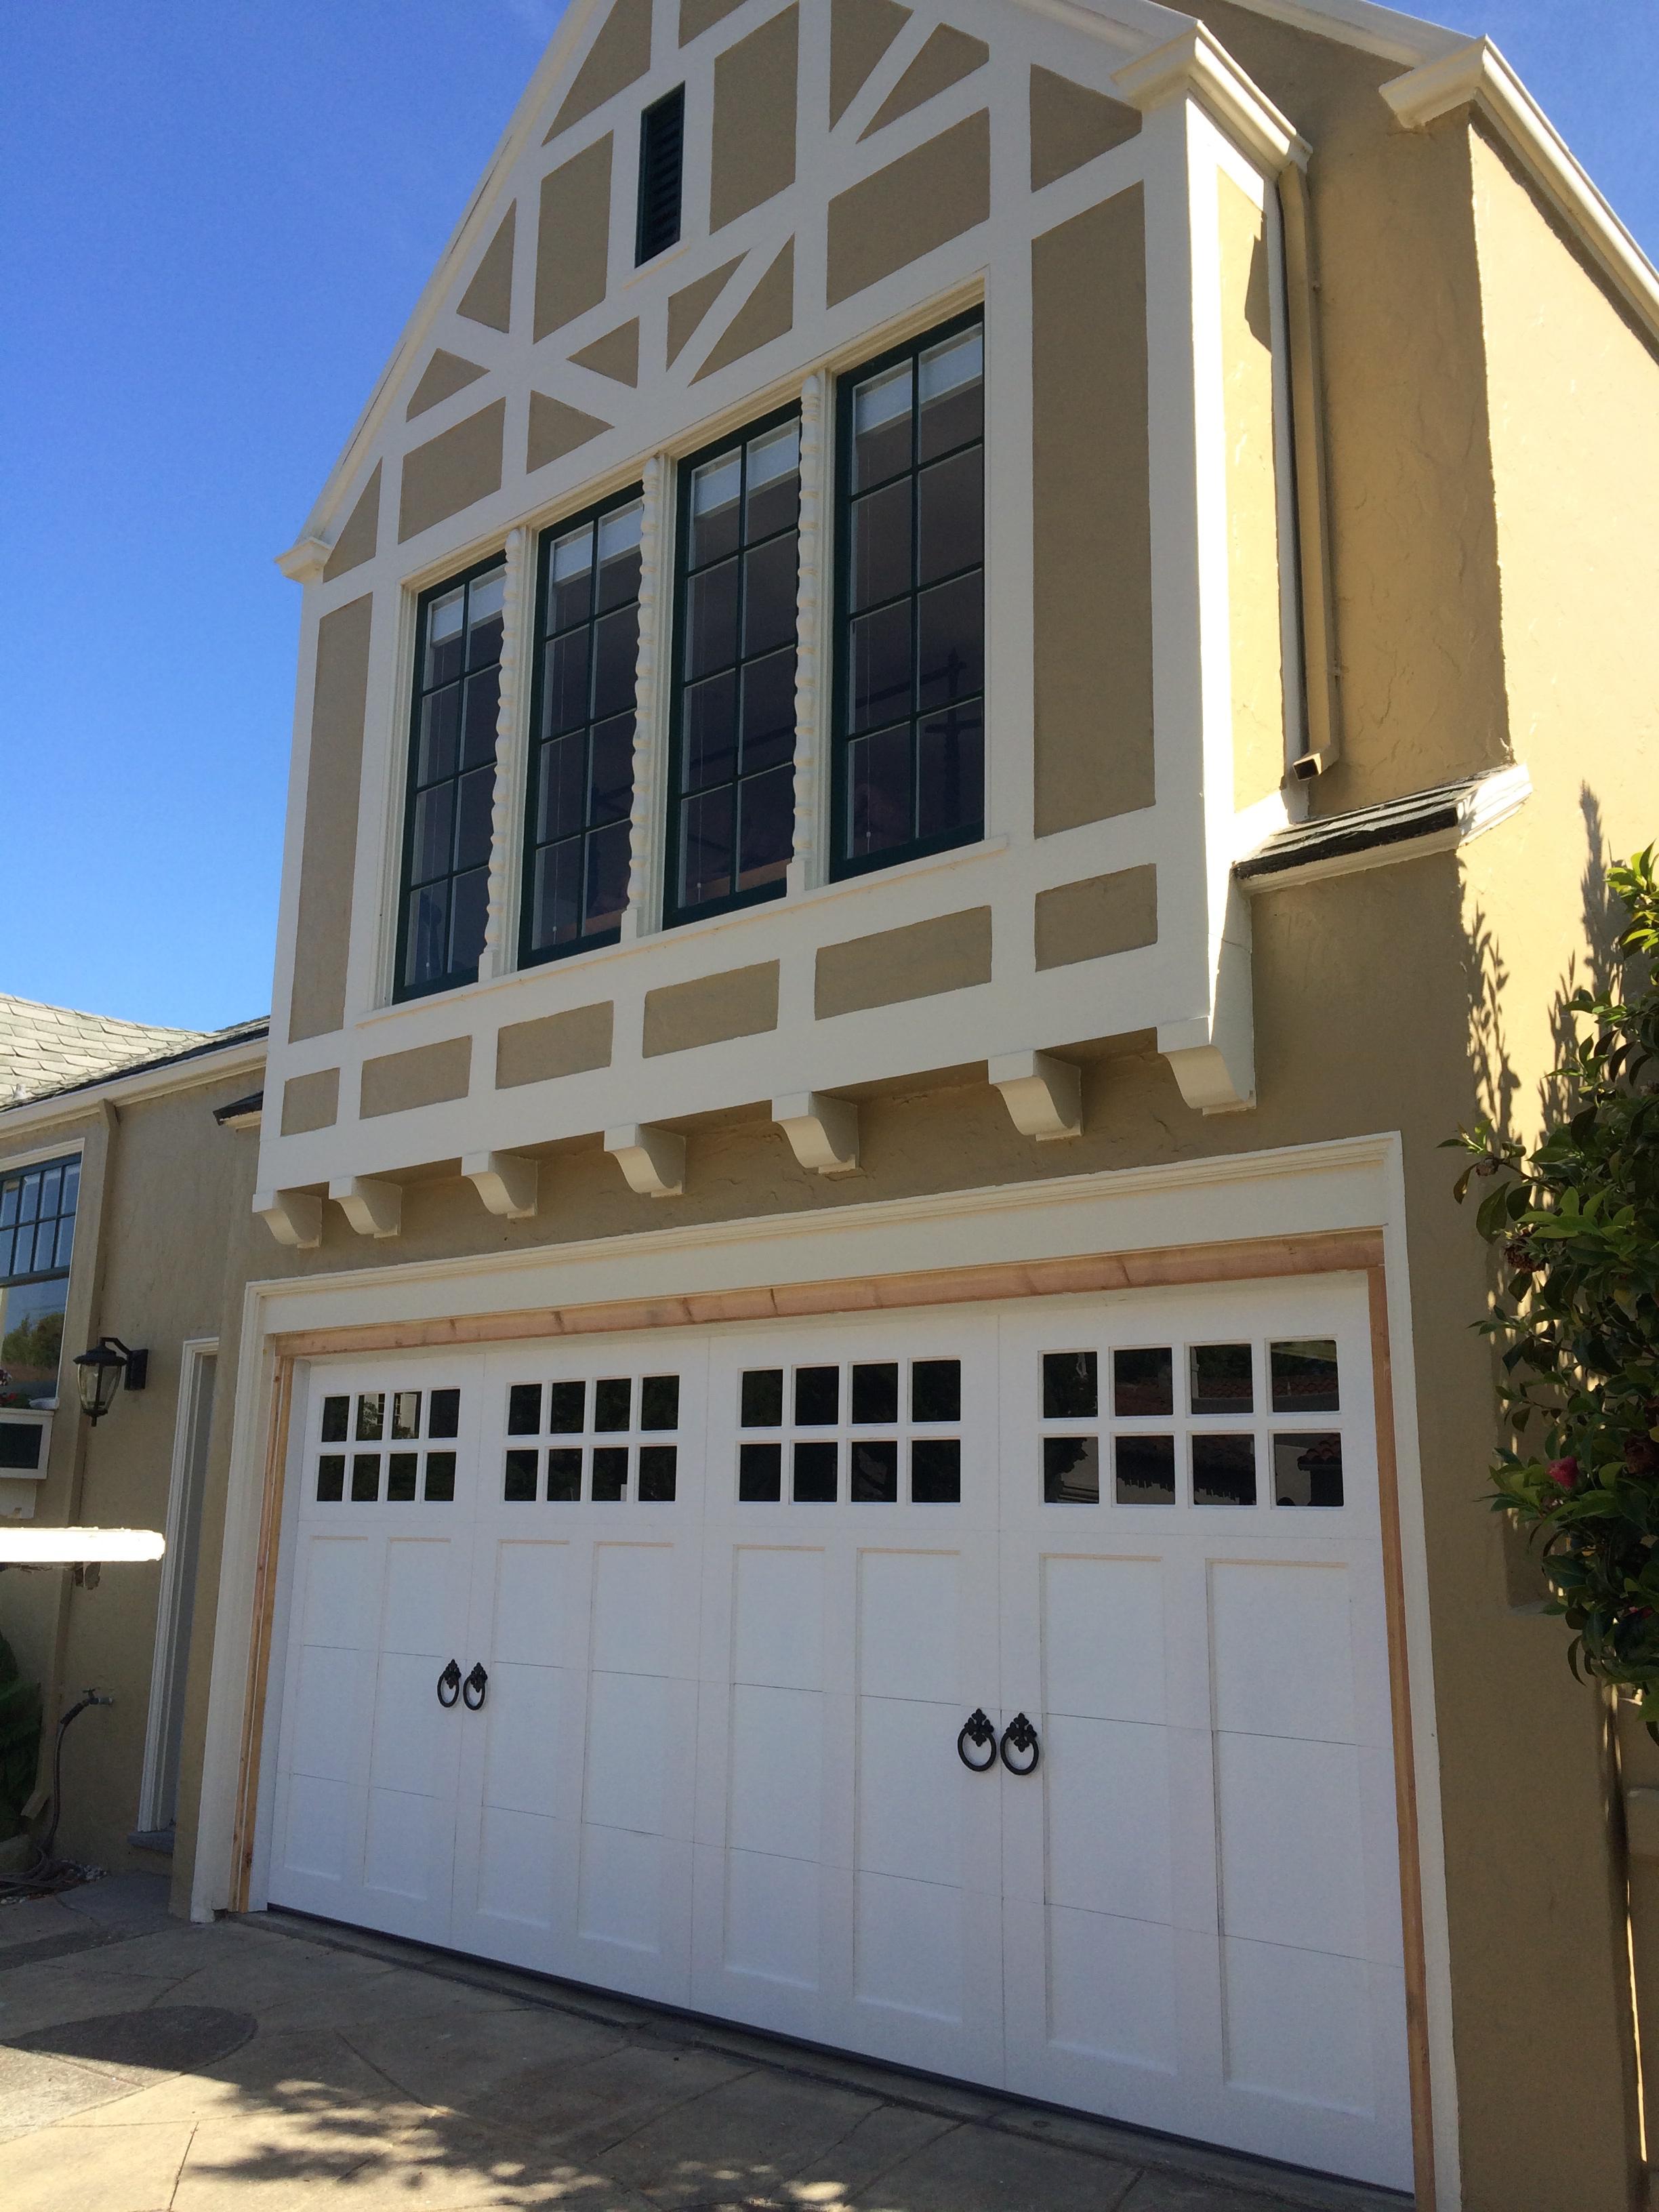 all bay garage doors - carriage house garage door - kevin chervatin - 15.jpg